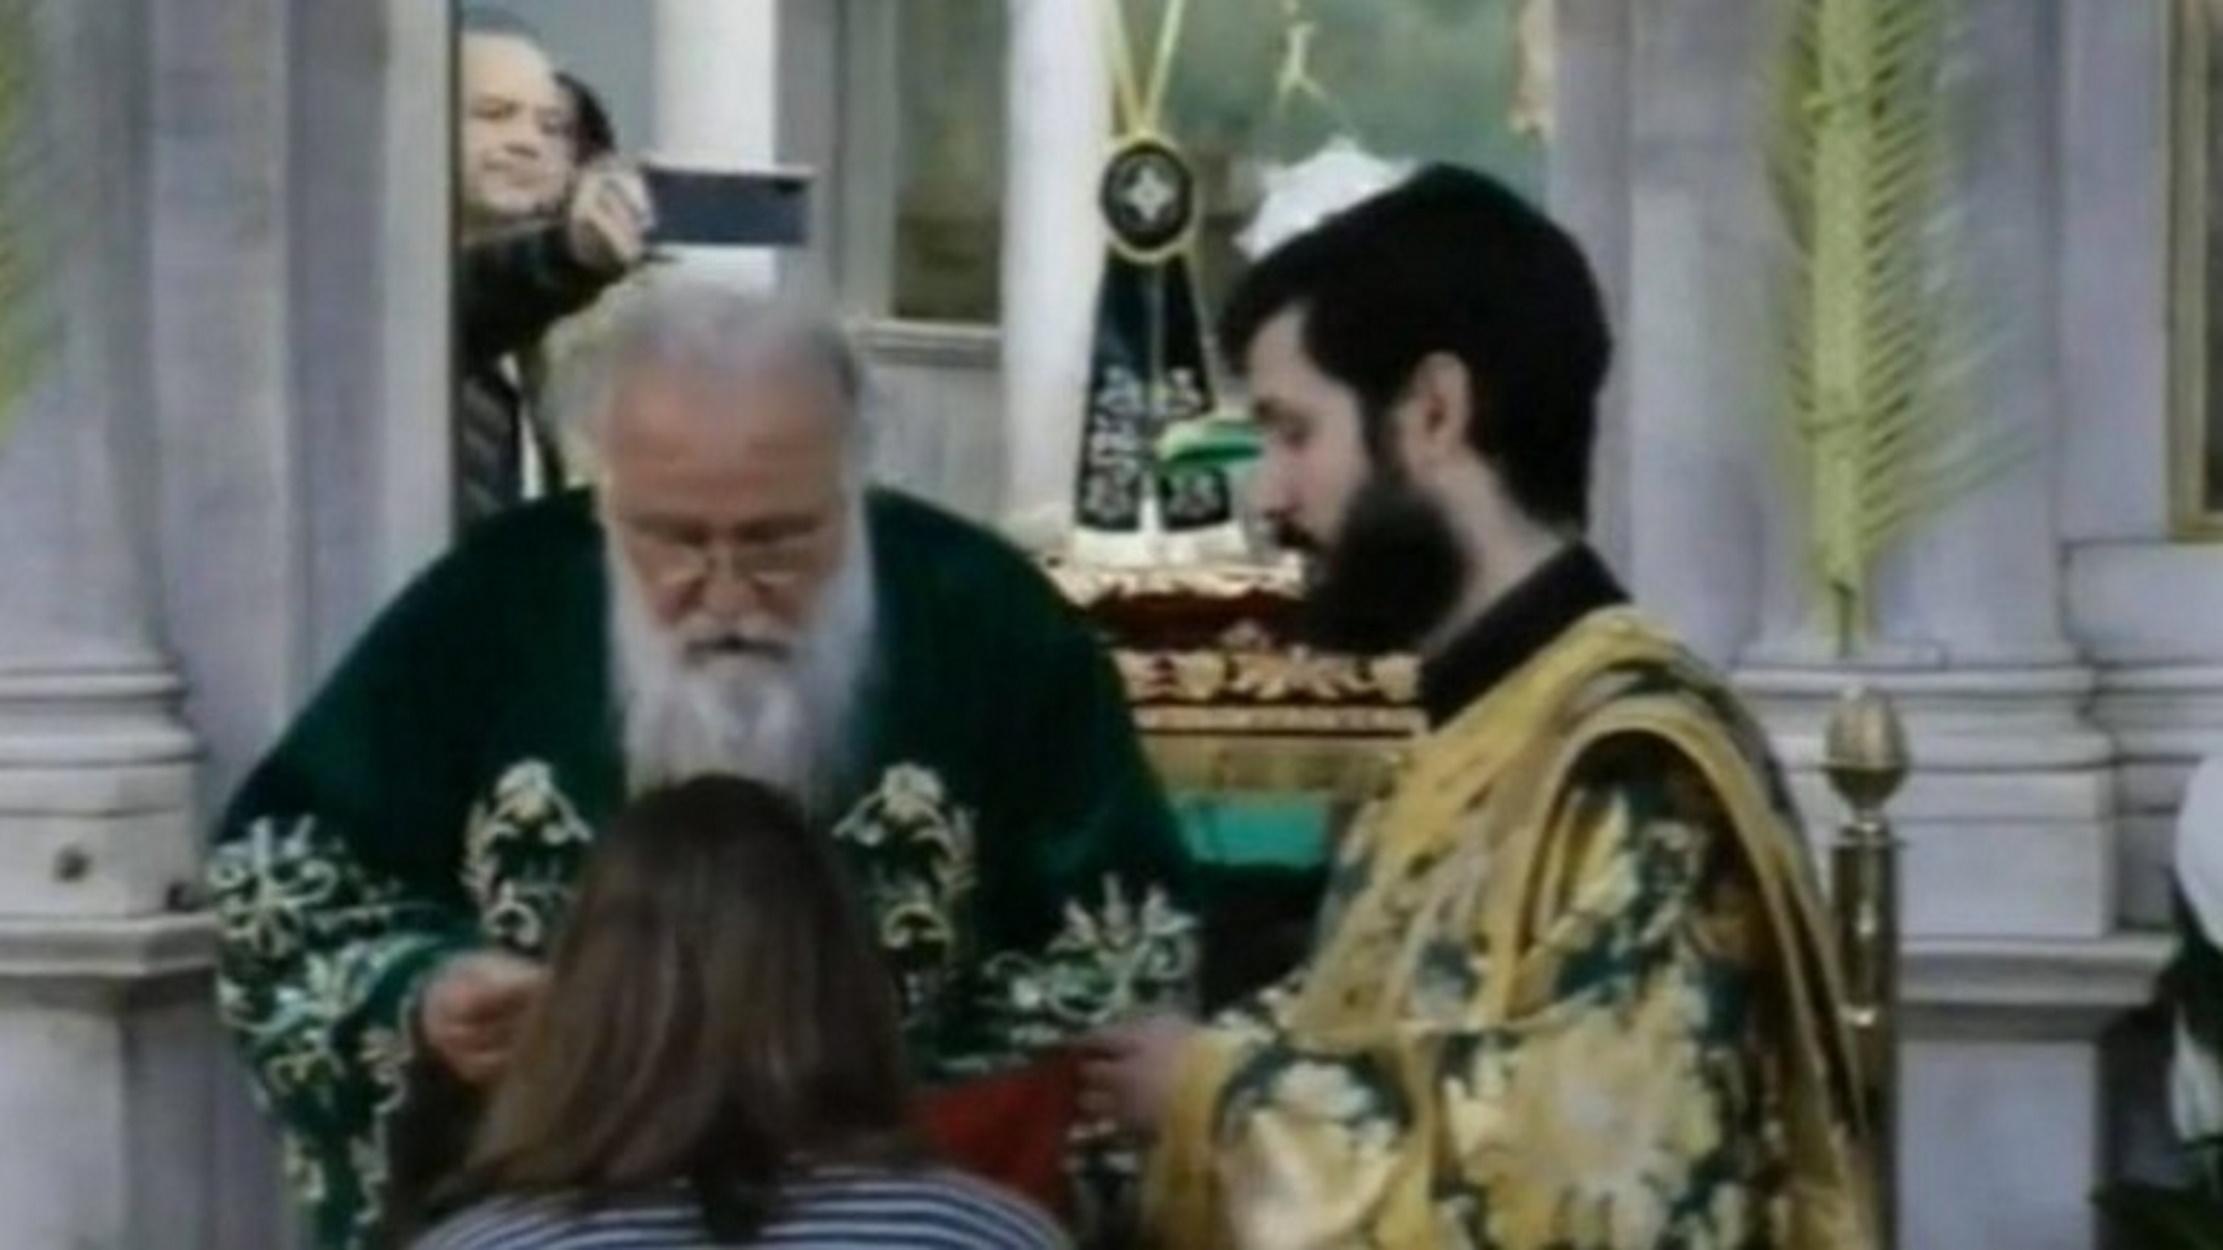 Κέρκυρα: Θεία κοινωνία στον Ι.Ν Αγίου Σπυρίδωνος εν μέσω κορονοϊού